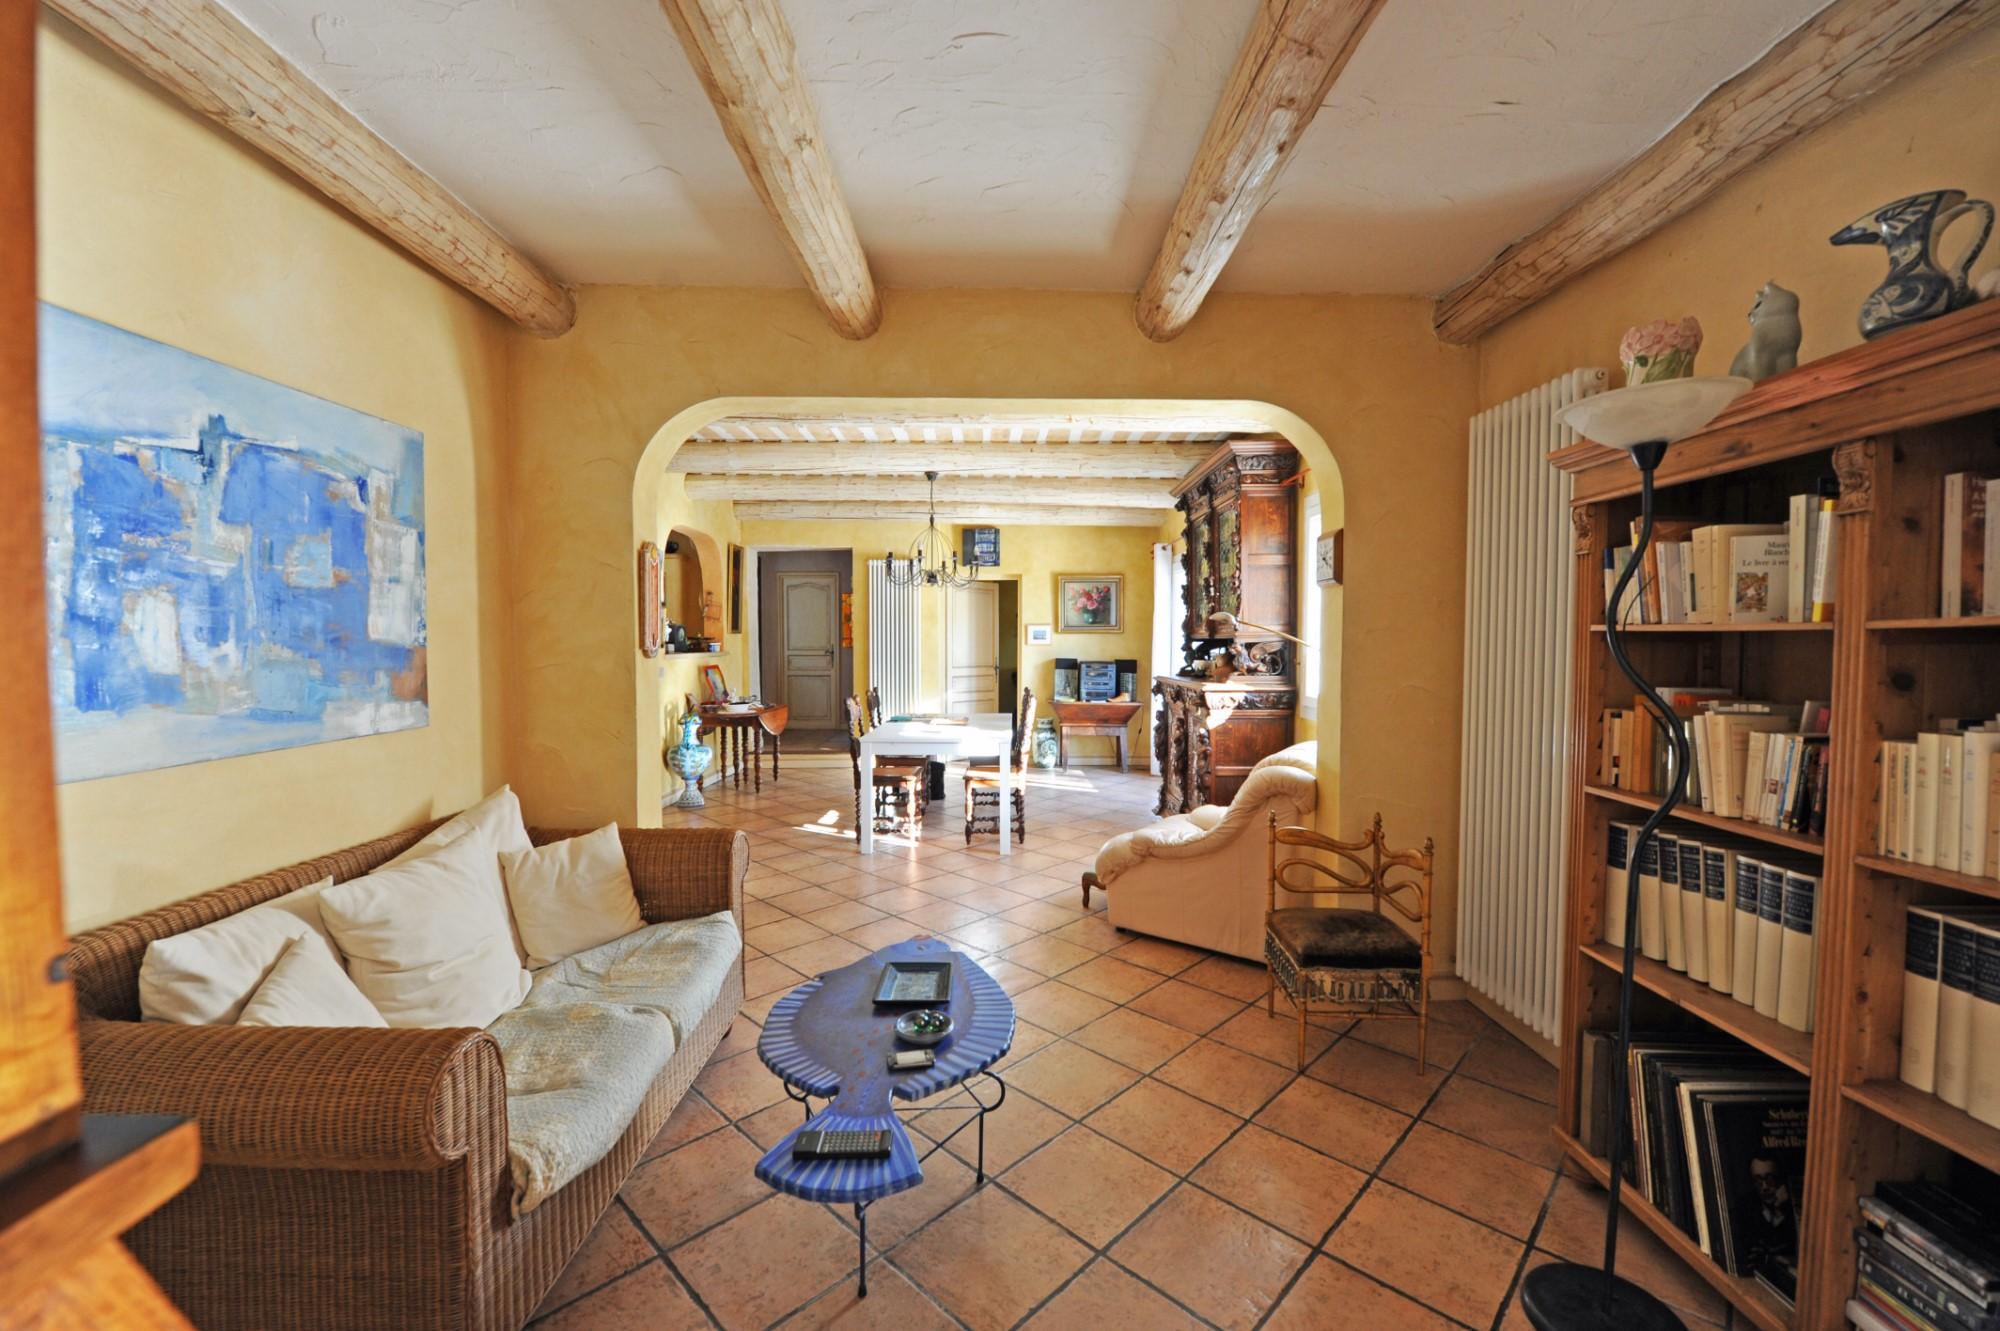 A vendre à Isle-sur-la-Sorgue, villa de plain pied en pierre avec piscine